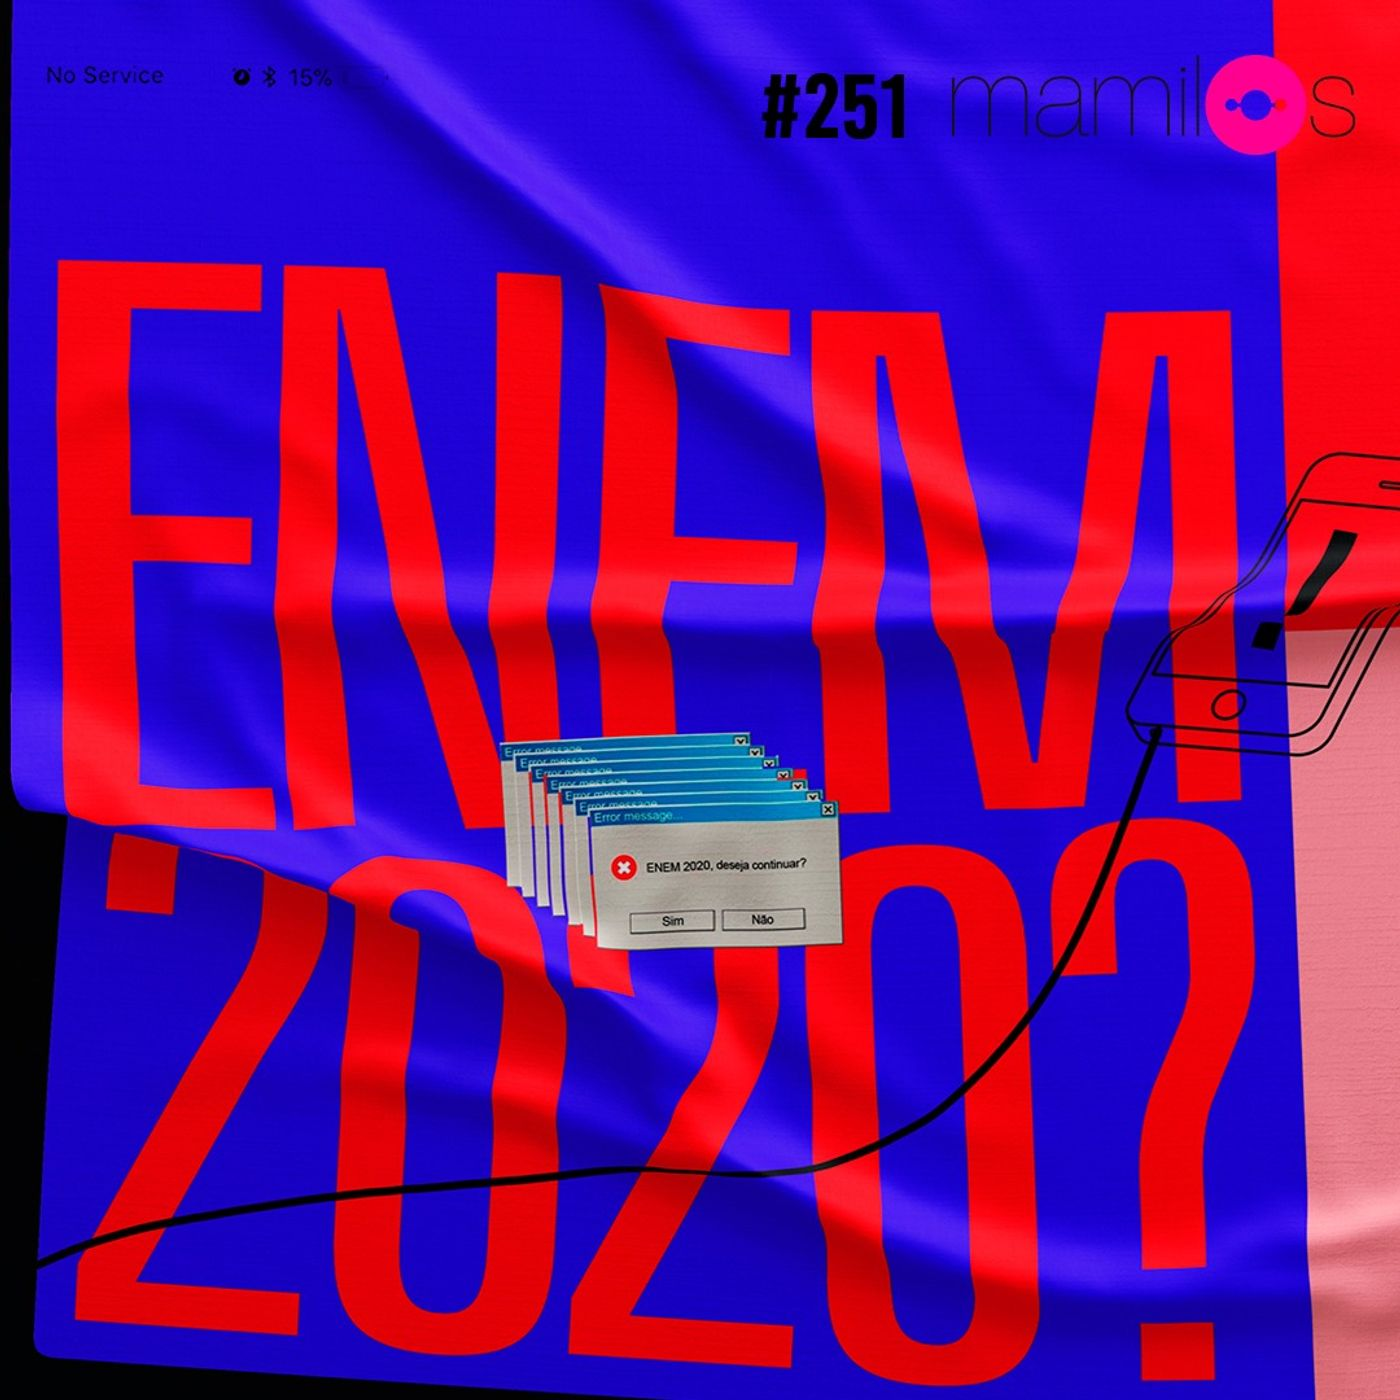 Enem 2020?